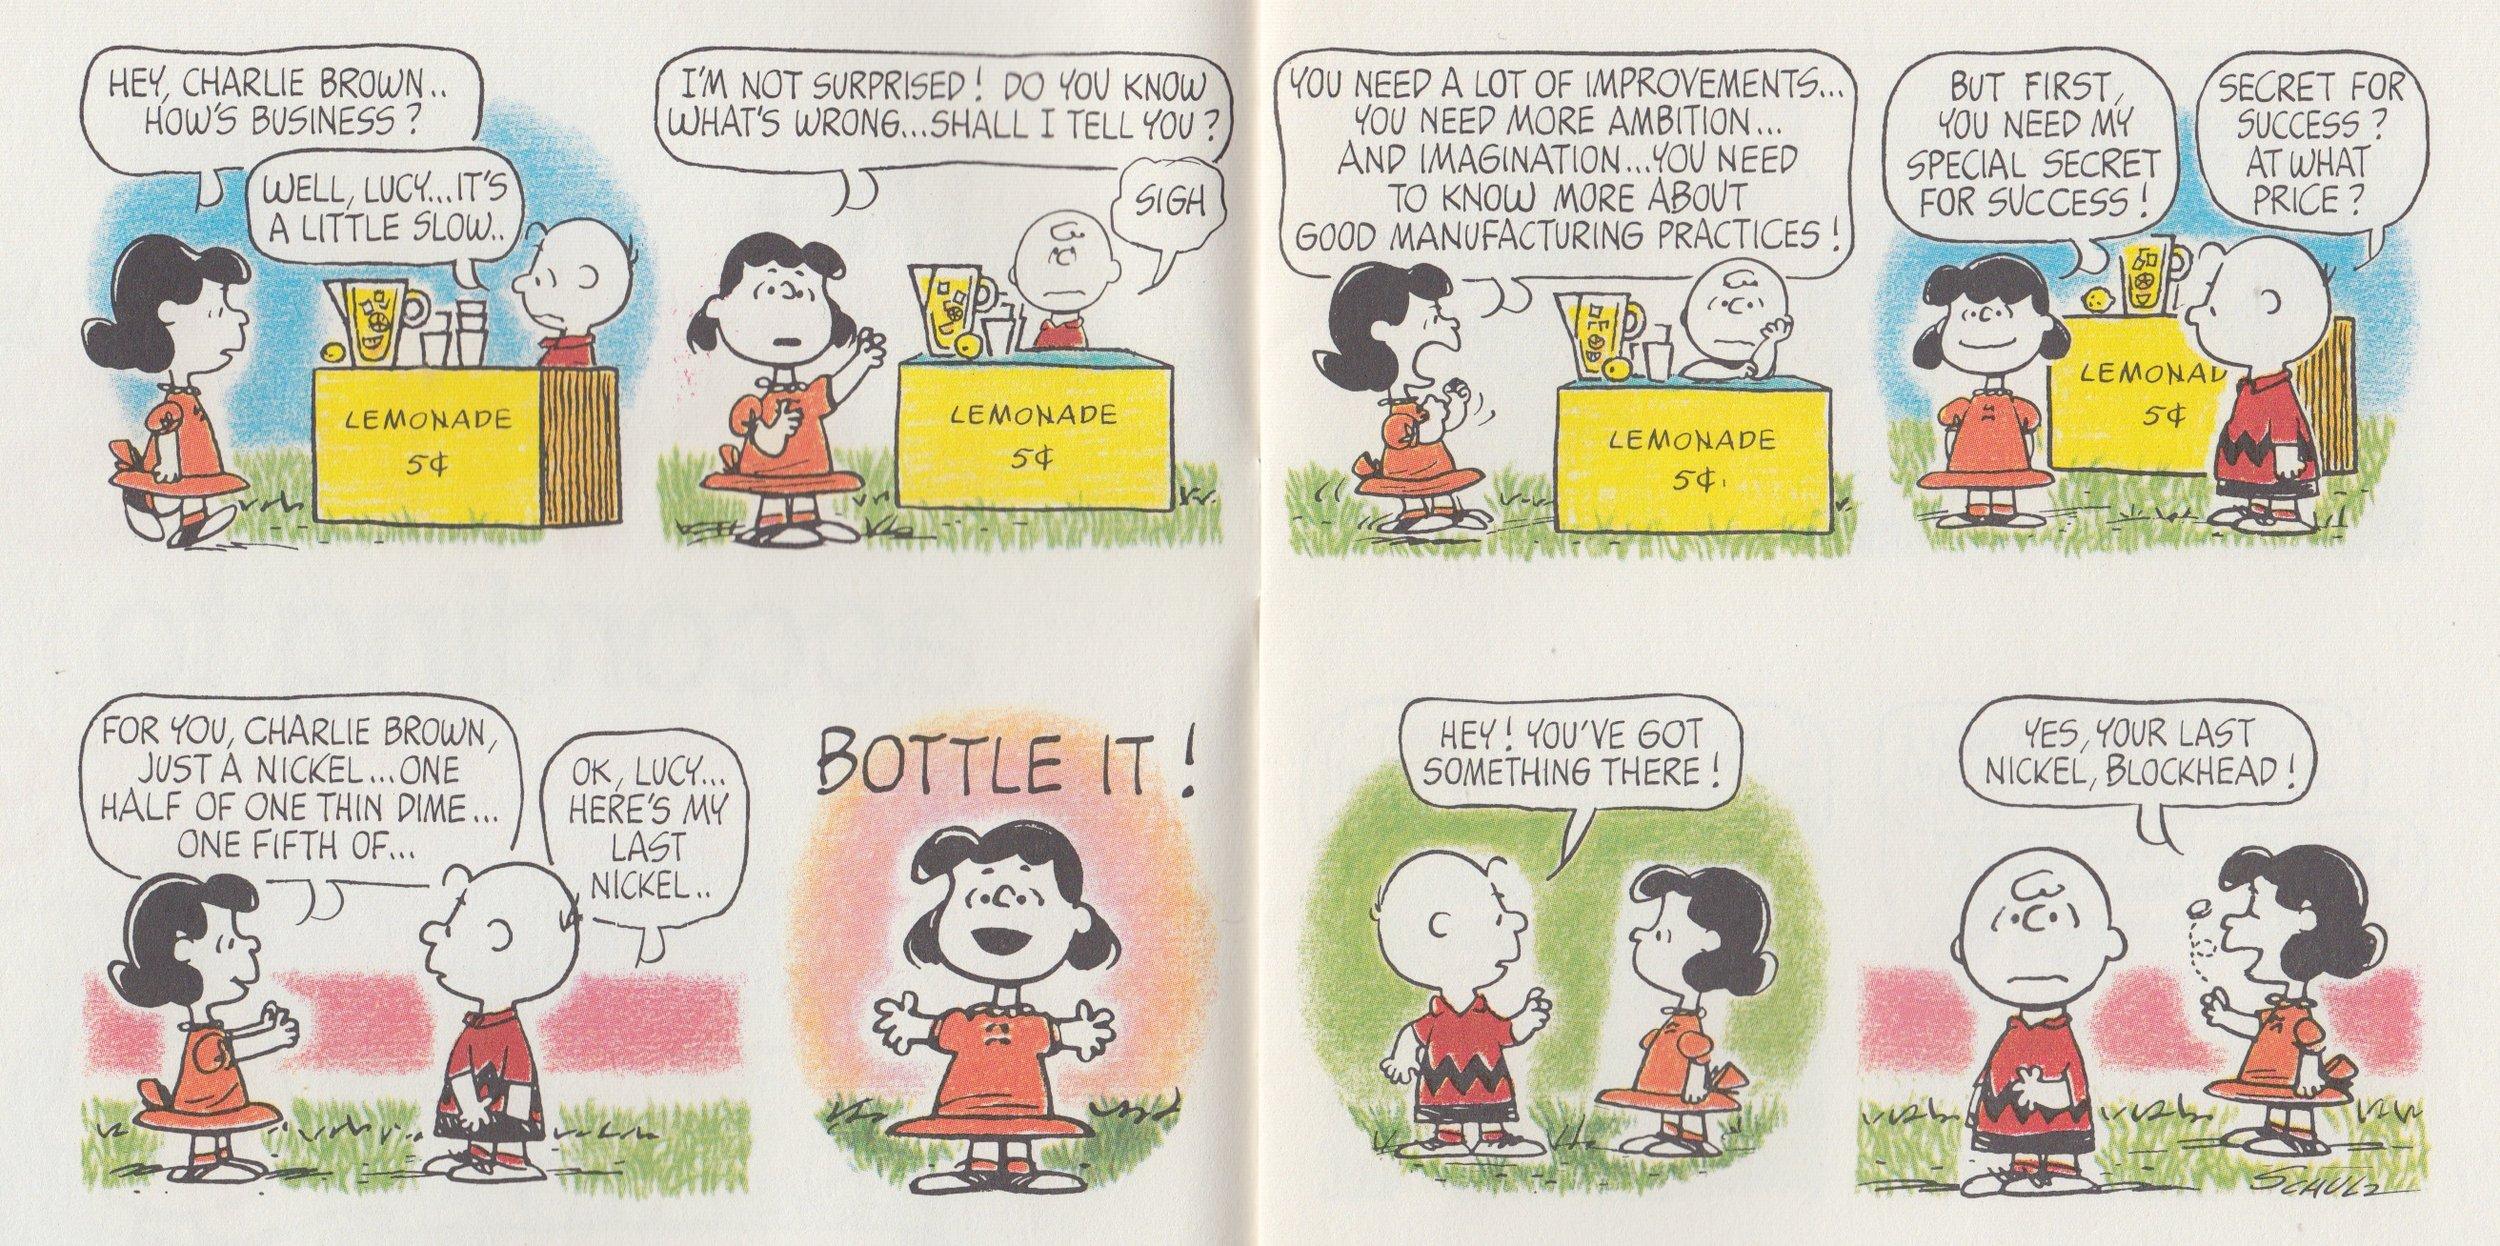 Η Lucy & ο Charlie Brown συζητούν για λεμονάδα